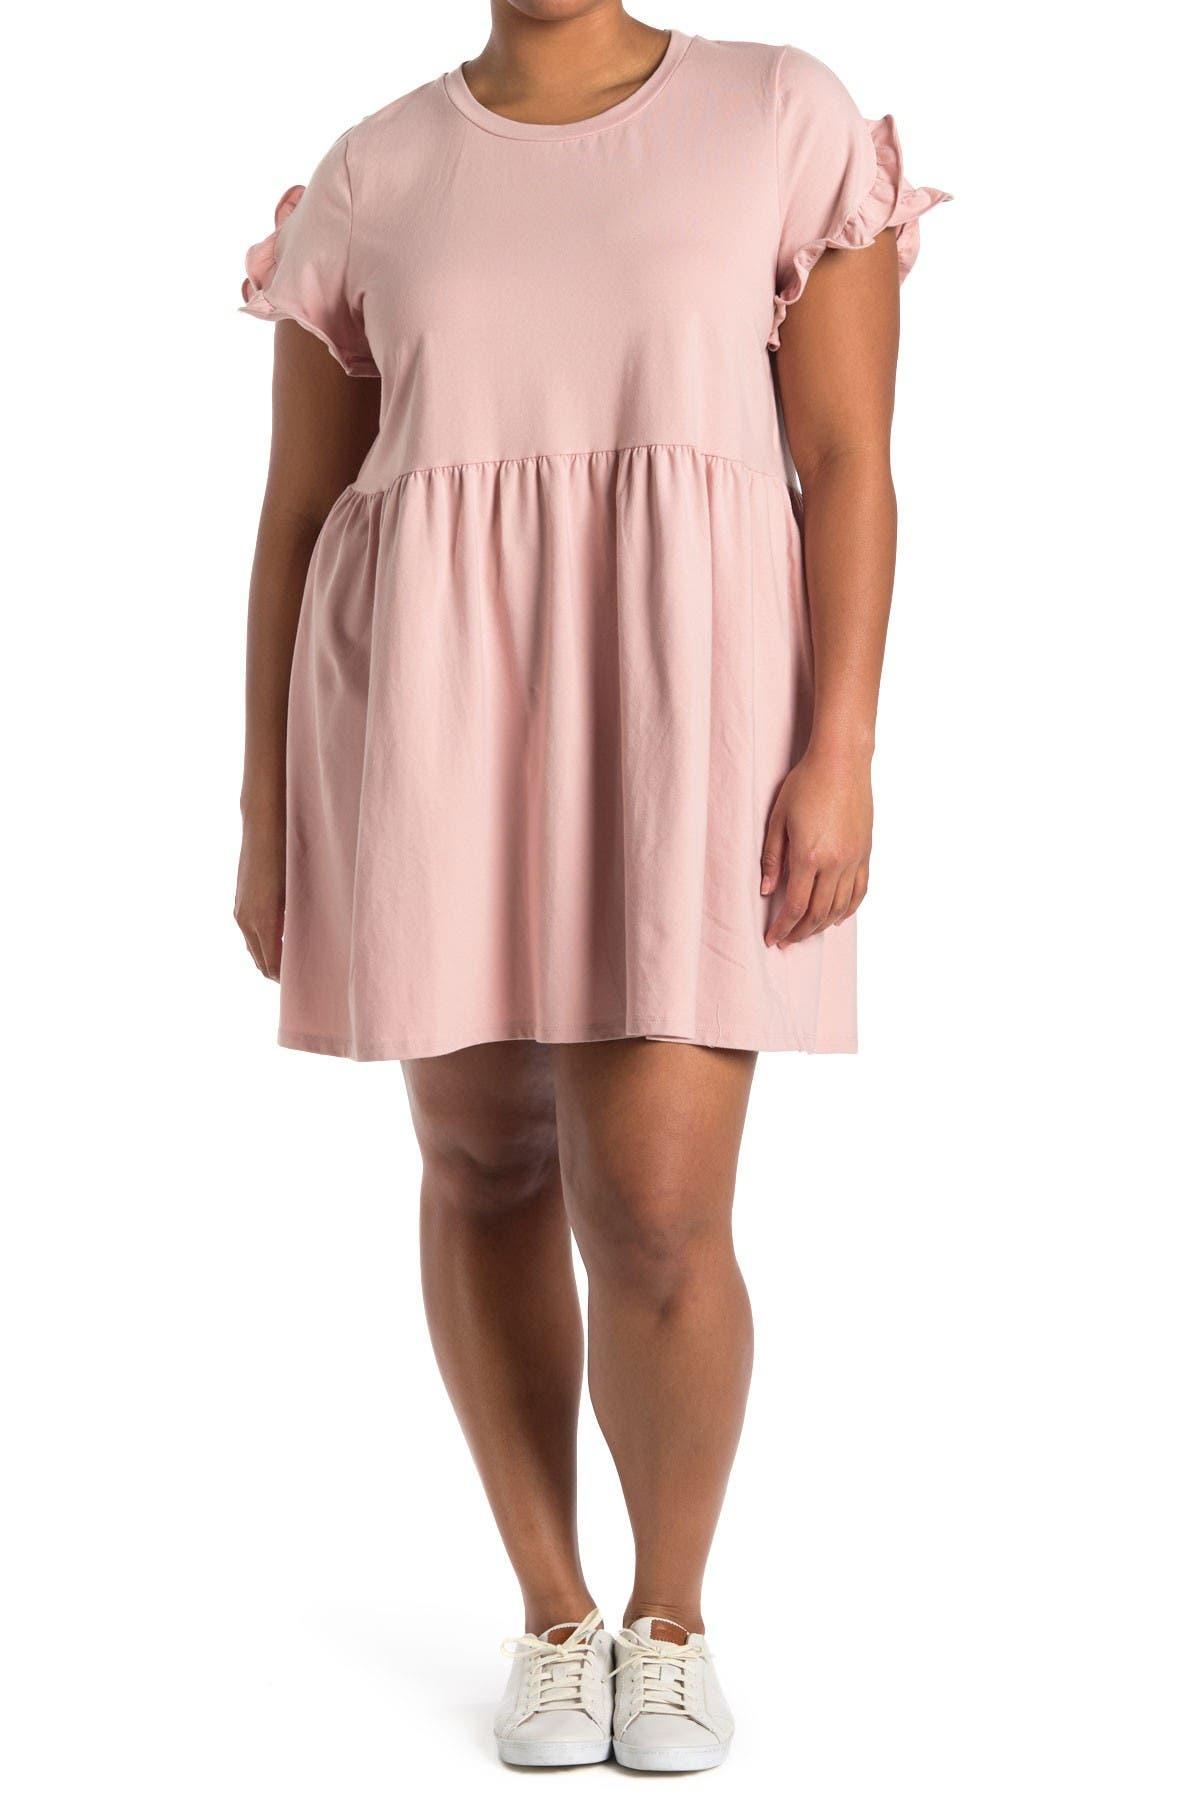 Image of Bobeau Ruffle Trim Dress